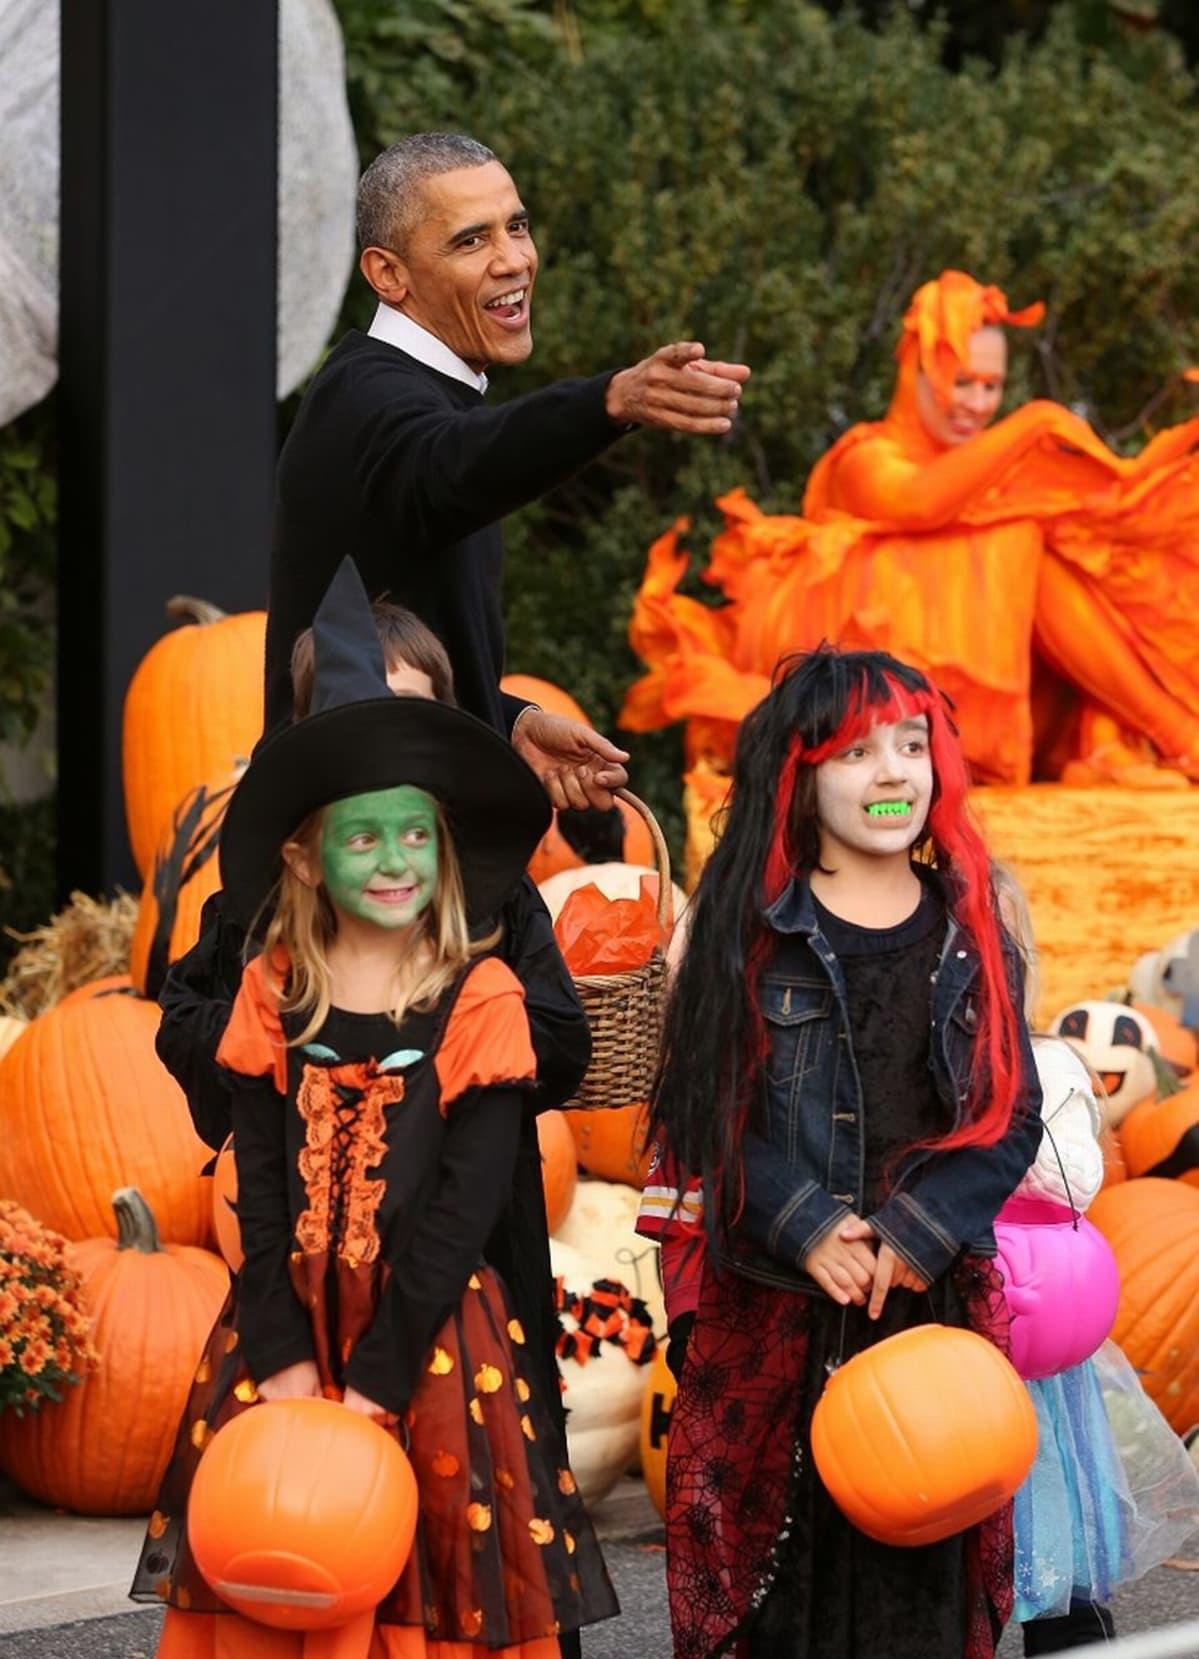 Kaksi noidiksi pukeutunutta pikkutyttöä ja presidentti Barack Obama, jolla on kädessään pajukori. Ympärillä kurpitsoja.